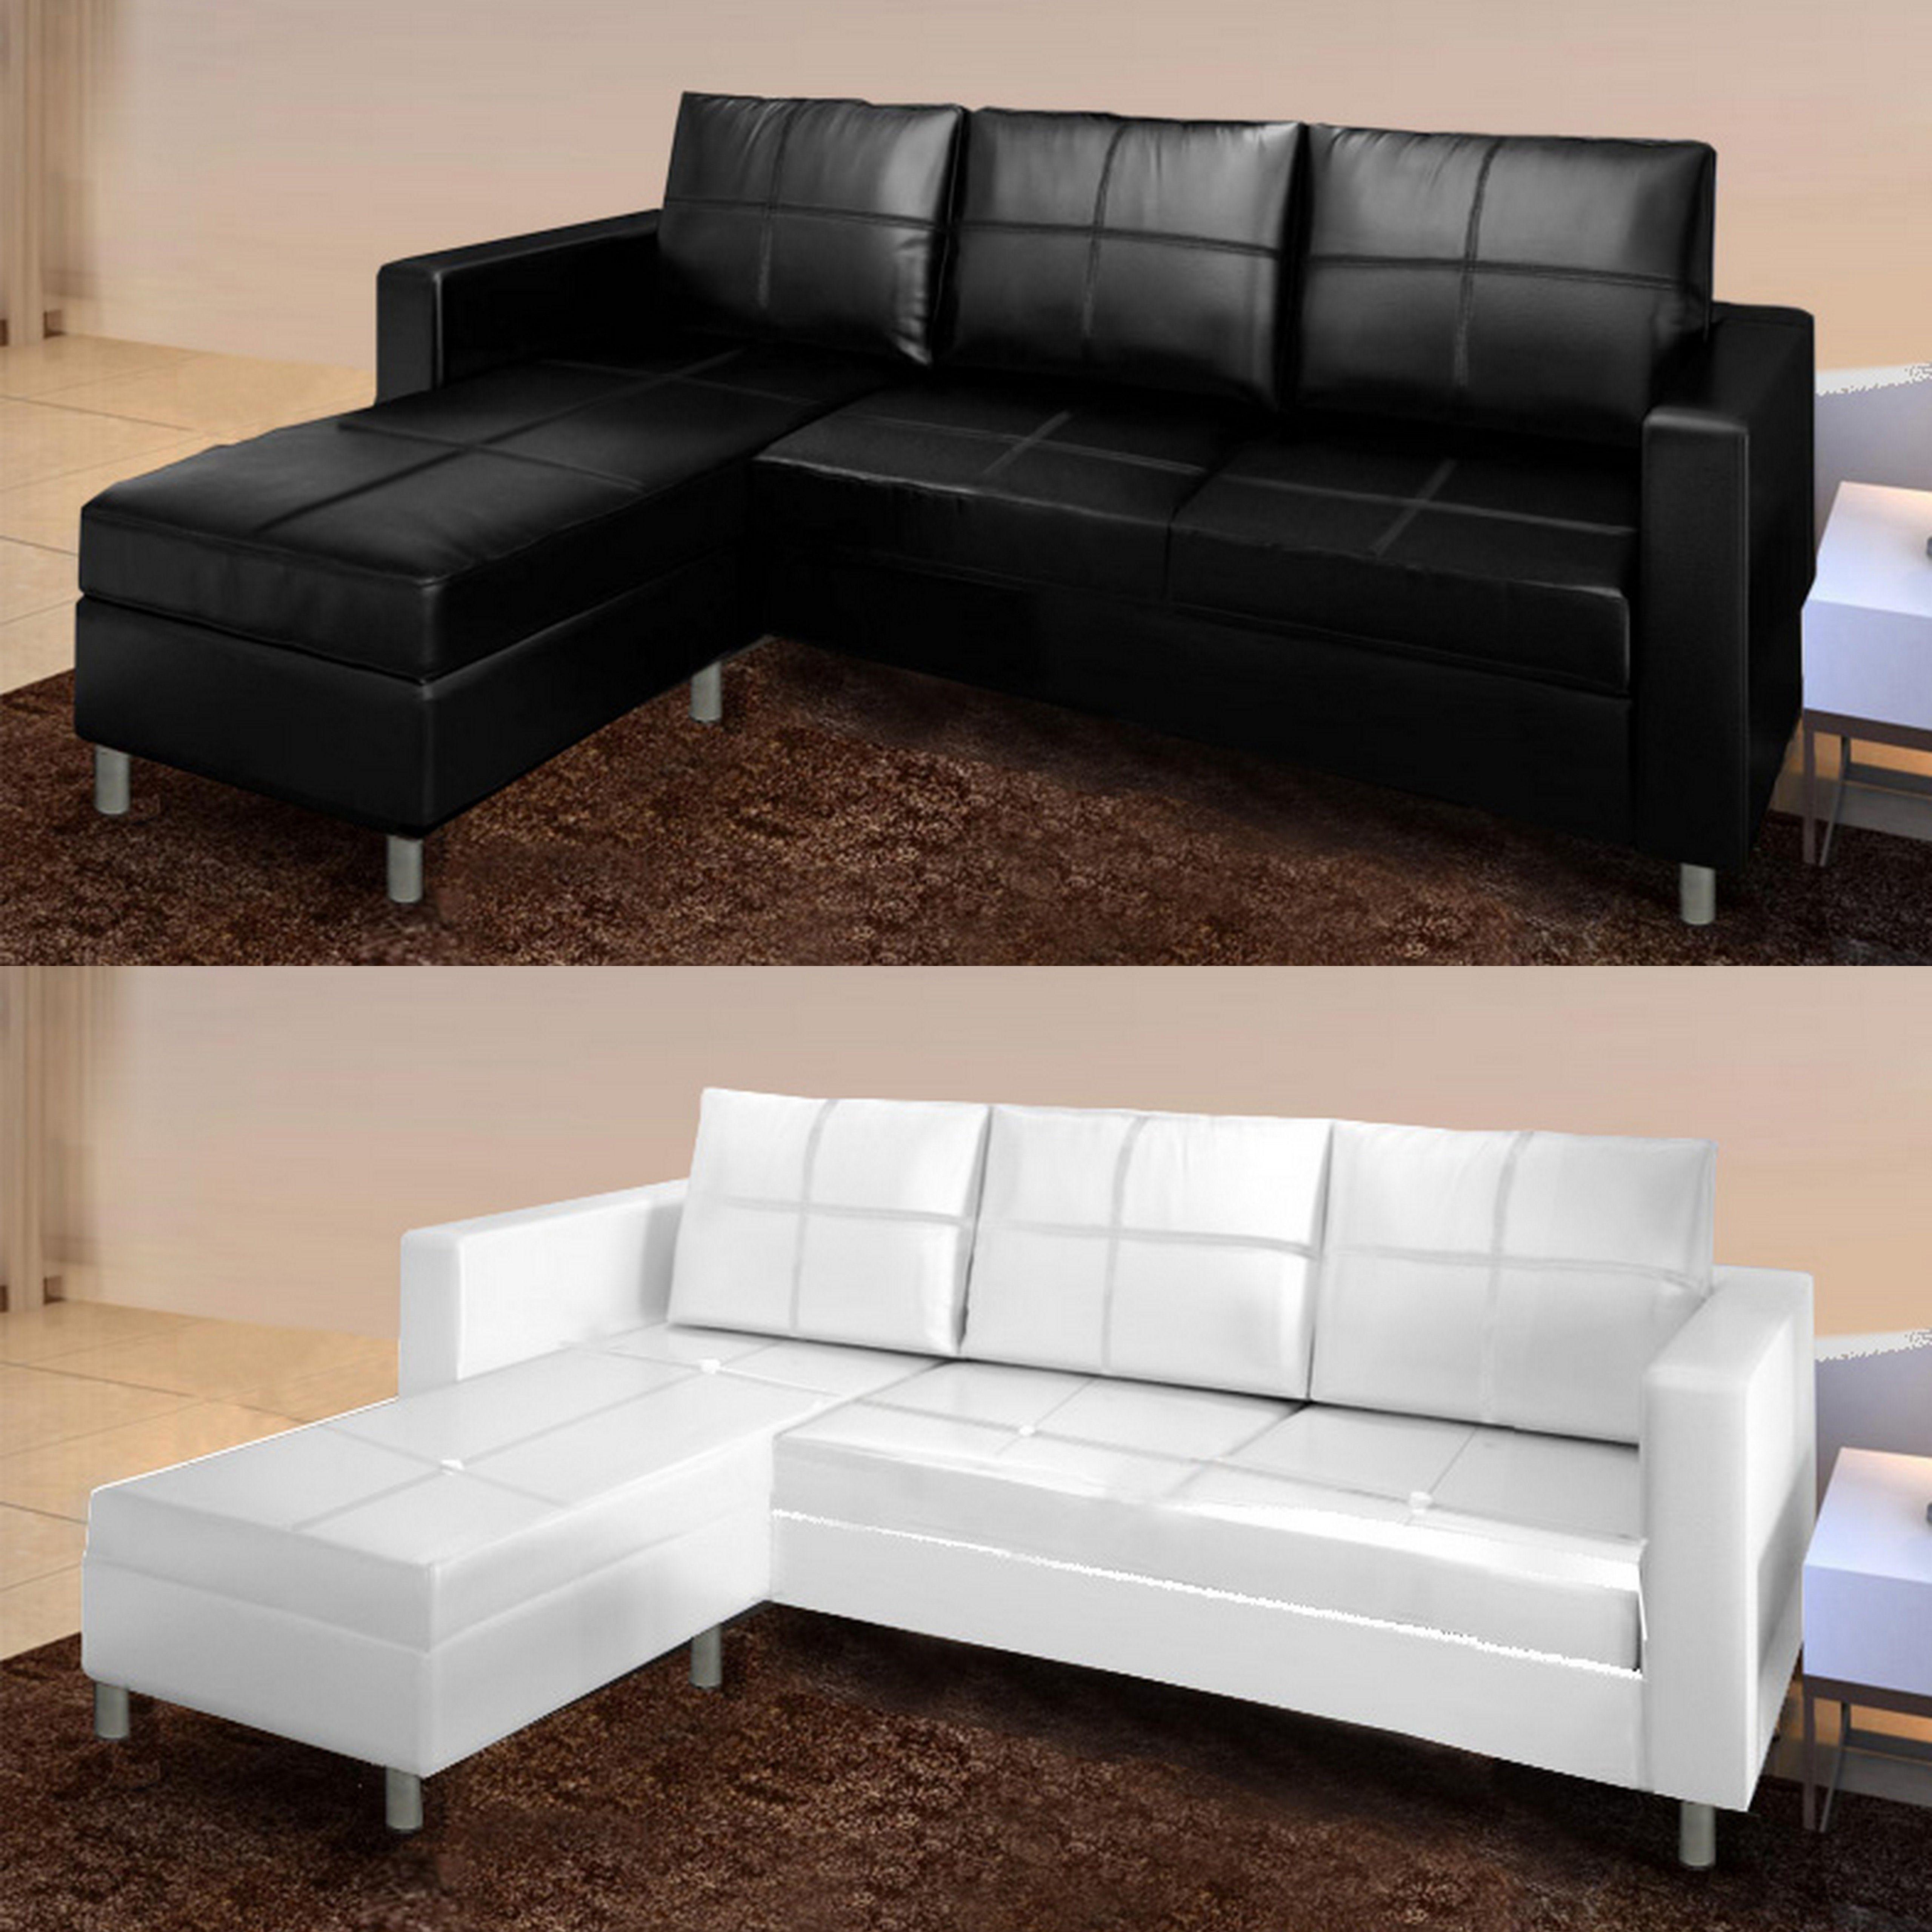 Divano angolare roma con pouf 205 cm ecopelle bianco nero 3 posti soggiorno letto - Divano bianco ecopelle ...